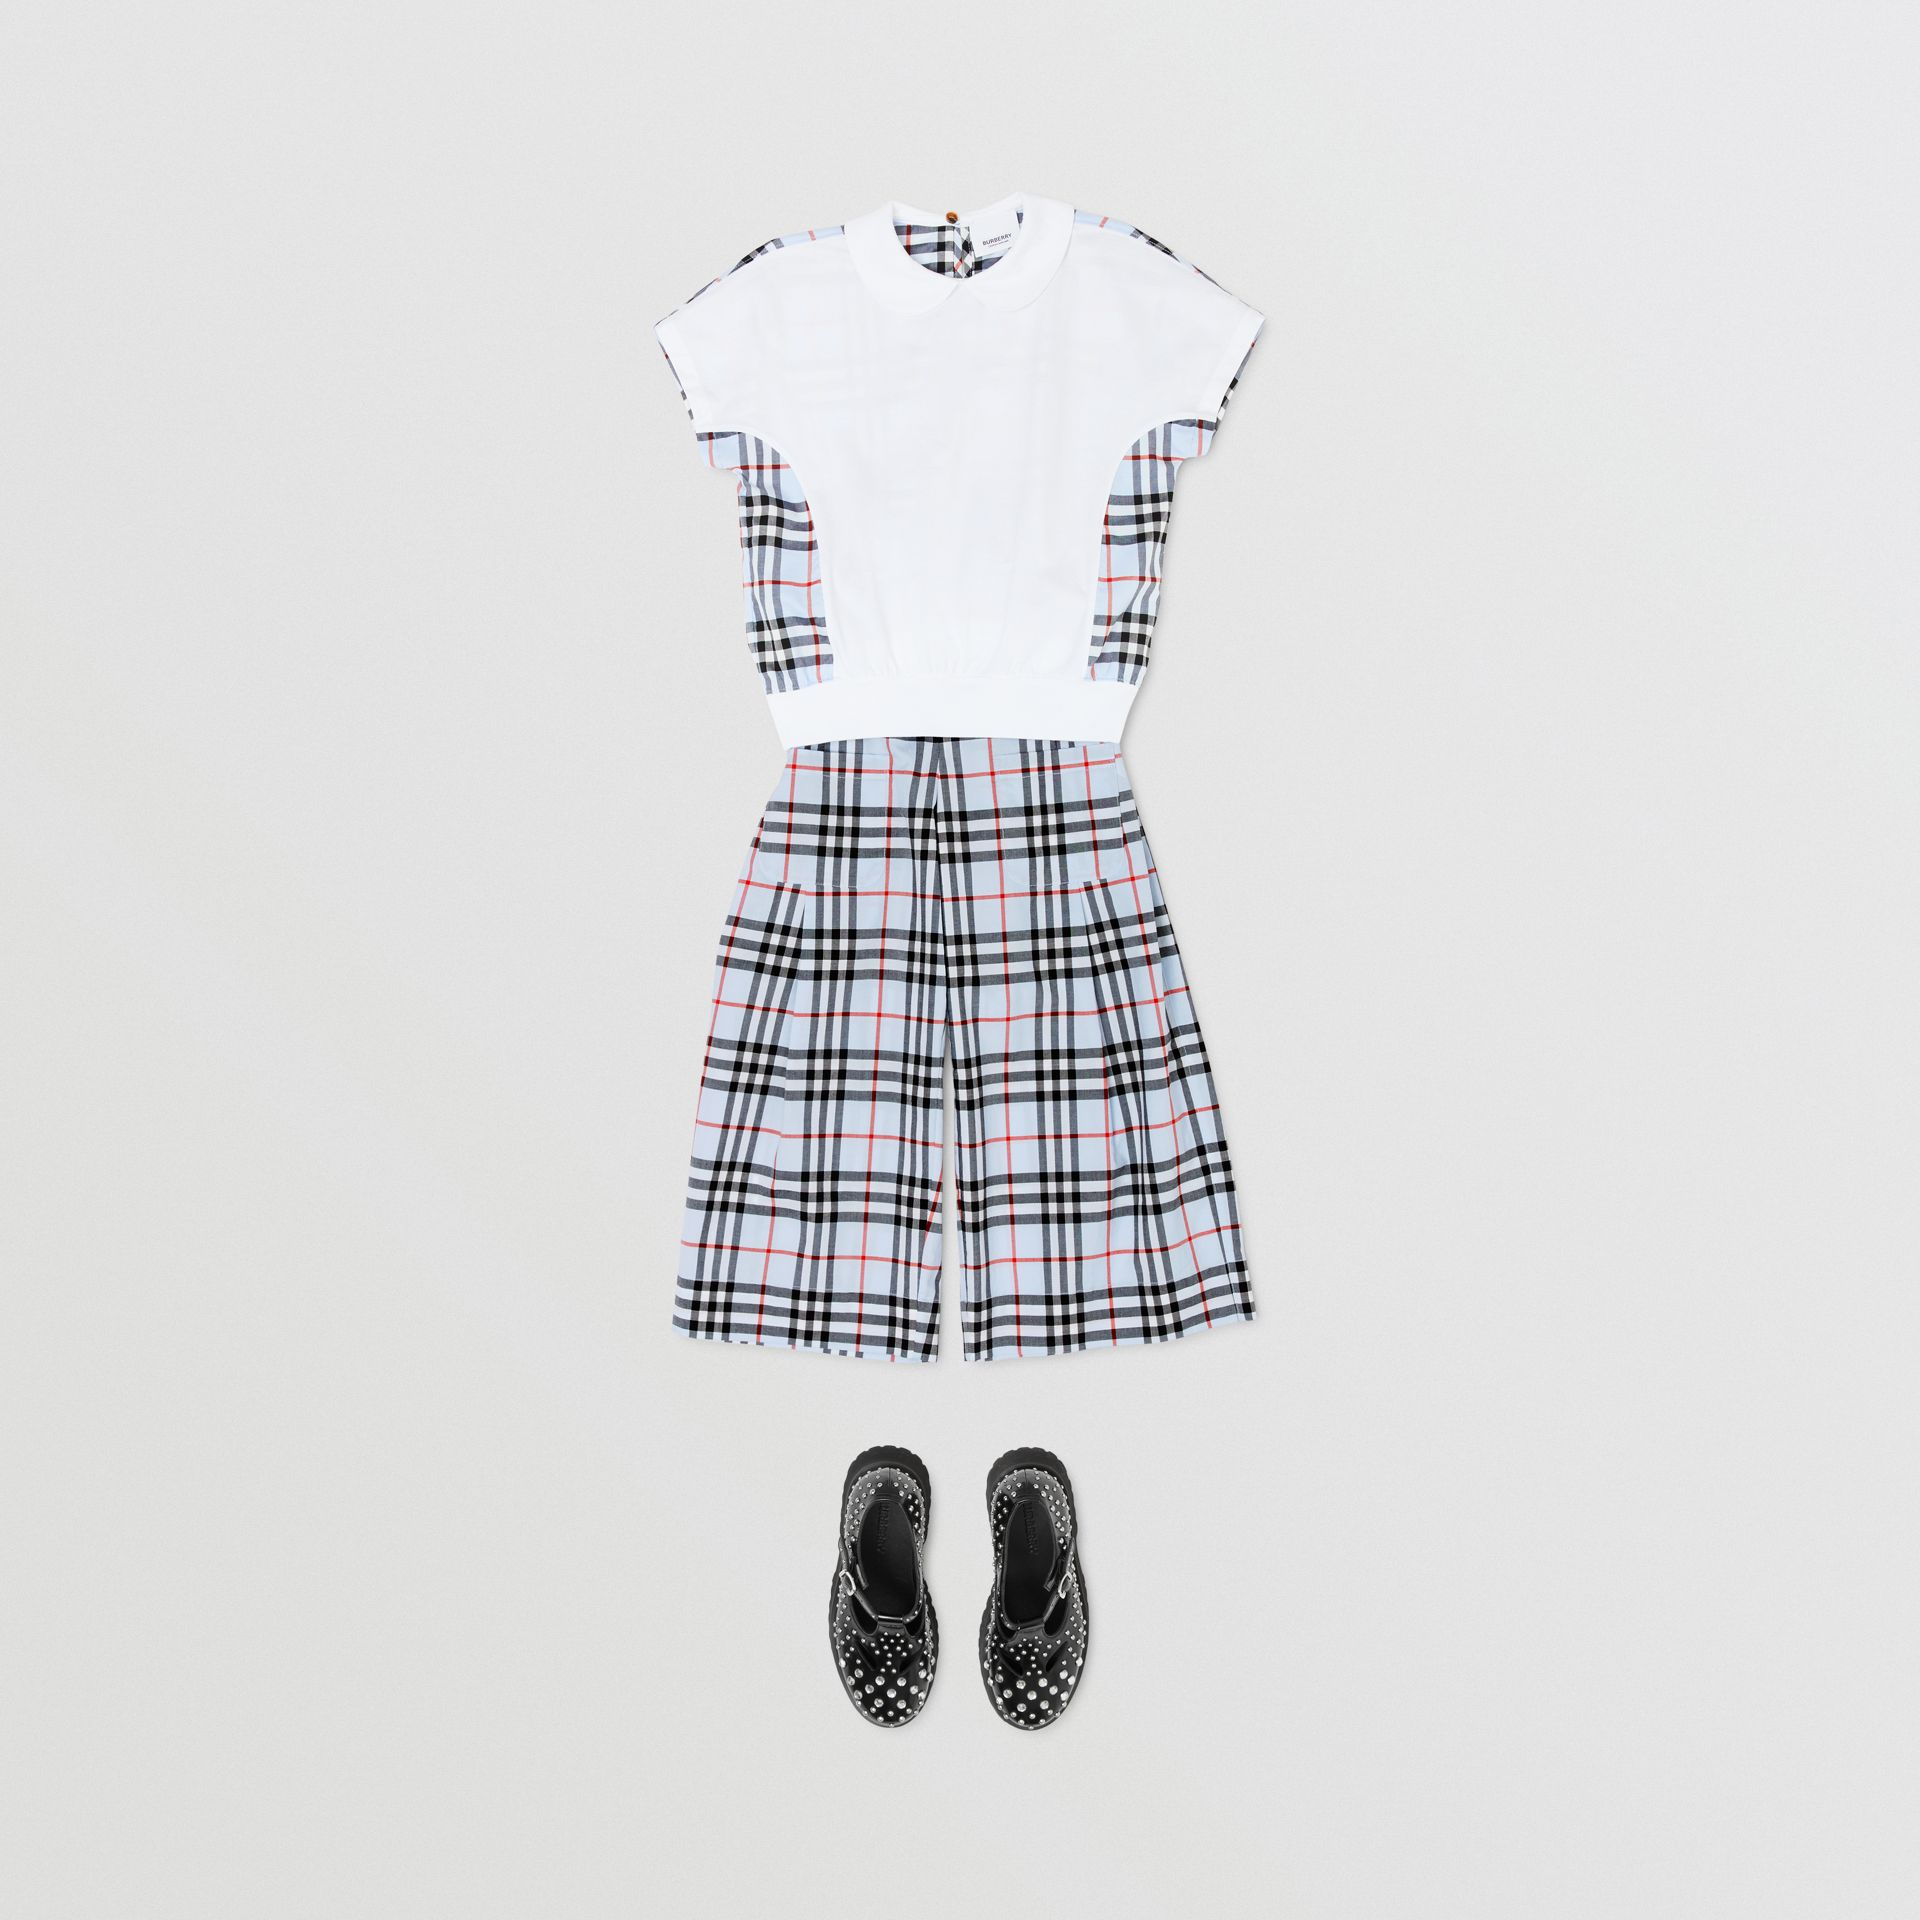 Blusa de algodão com recorte xadrez (Branco) | Burberry - galeria de imagens 2